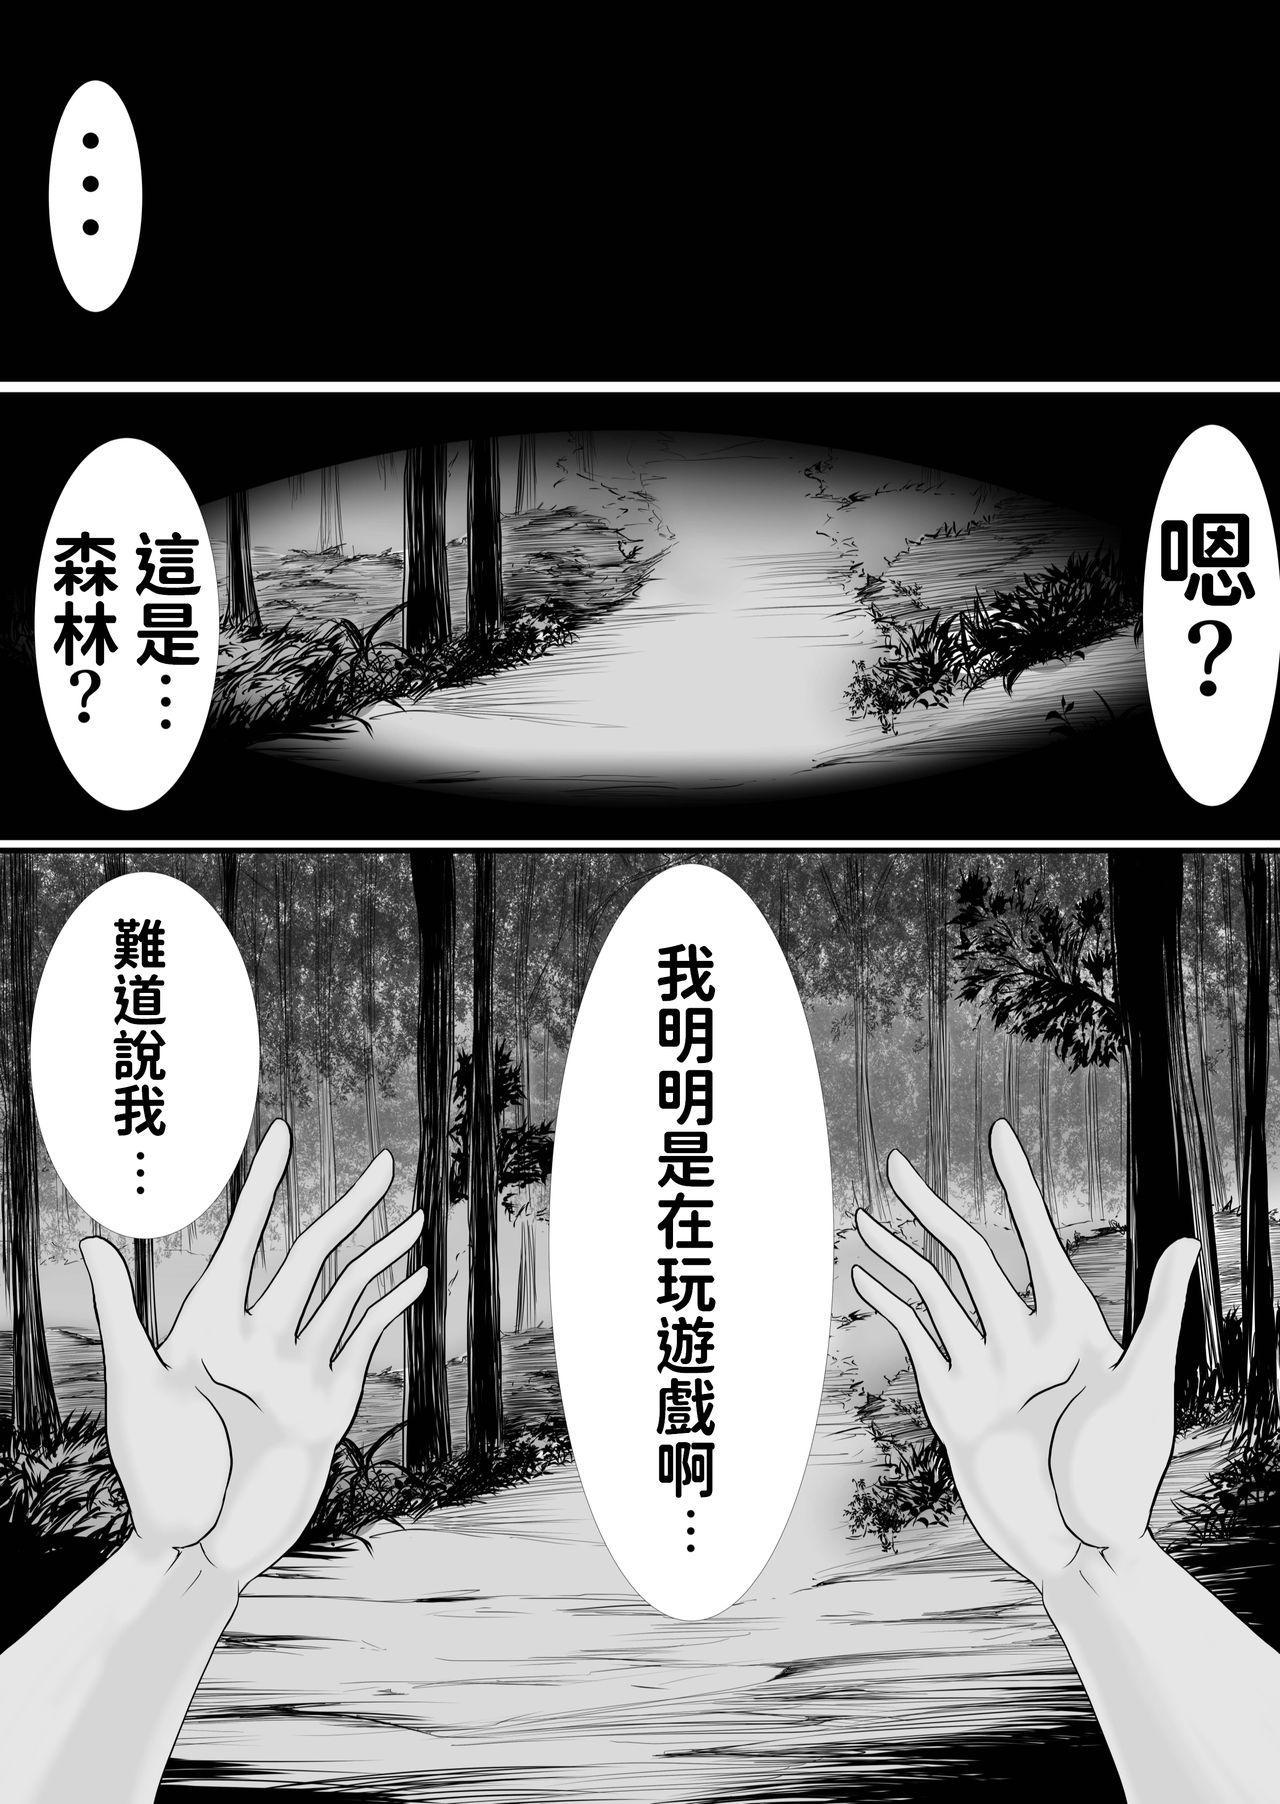 Isekai de nara Warui Onna wa Han Shihoudai nano Kamoshirenai 1